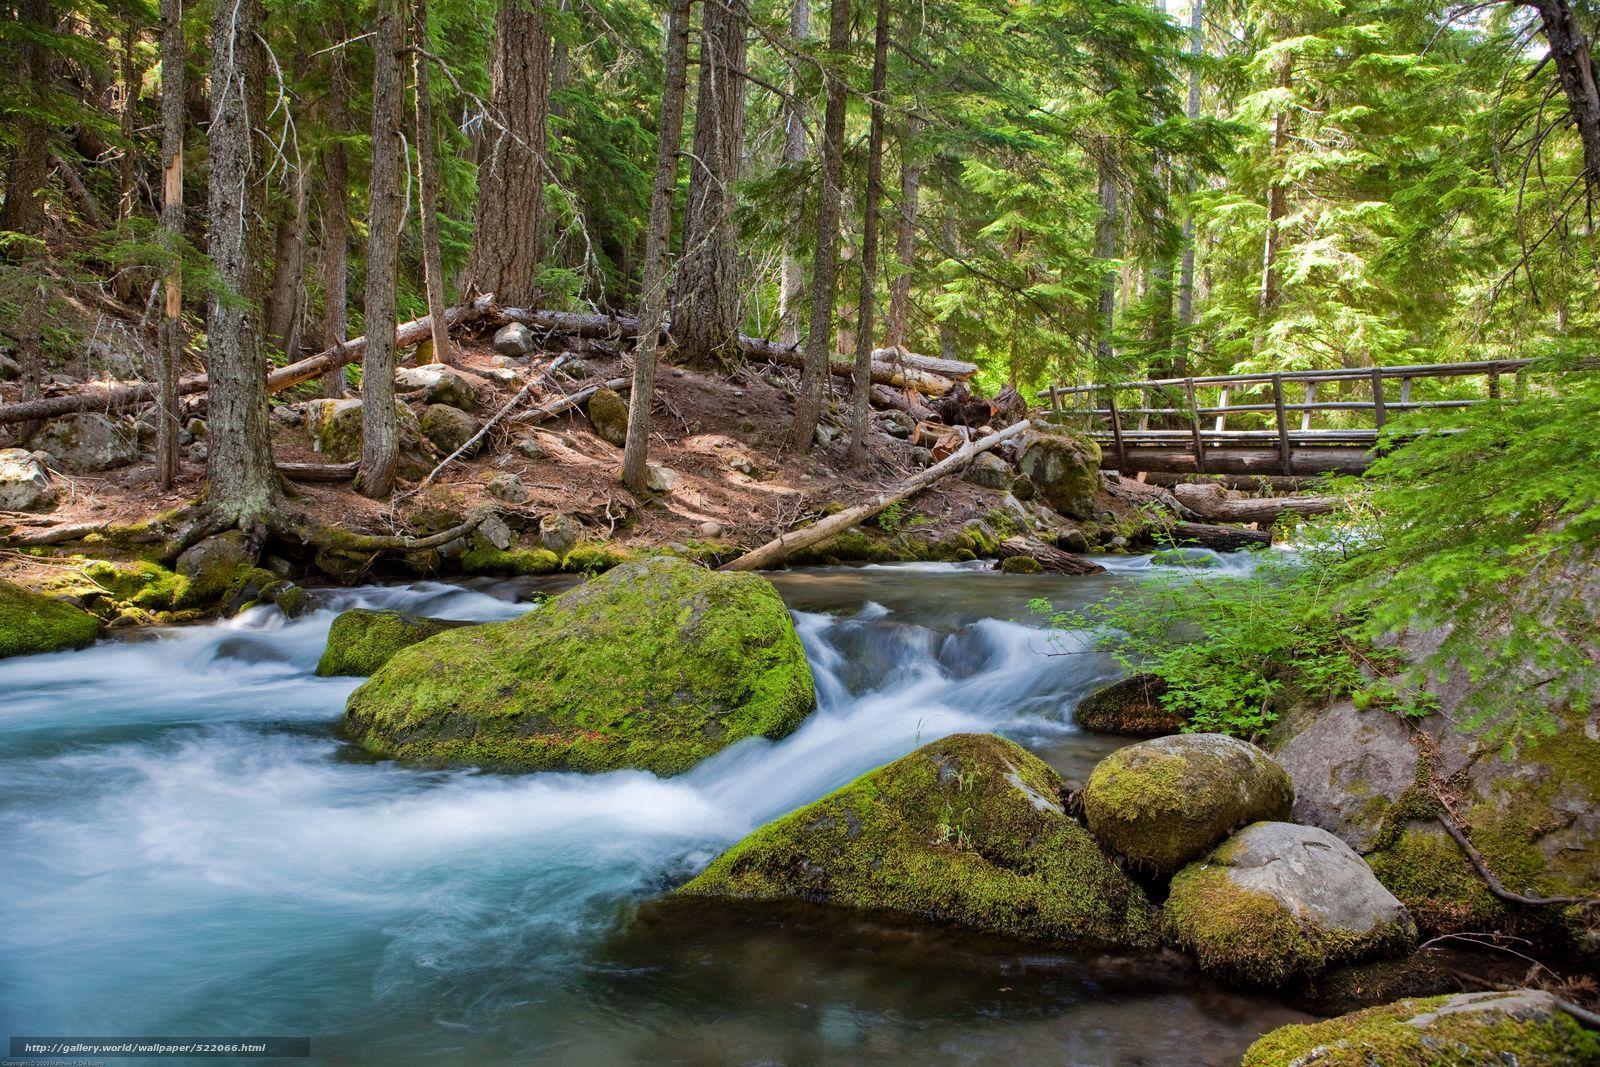 Скачать обои штат Орегон,  usa,  река,  лес бесплатно для рабочего стола в разрешении 5616x3744 — картинка №522066